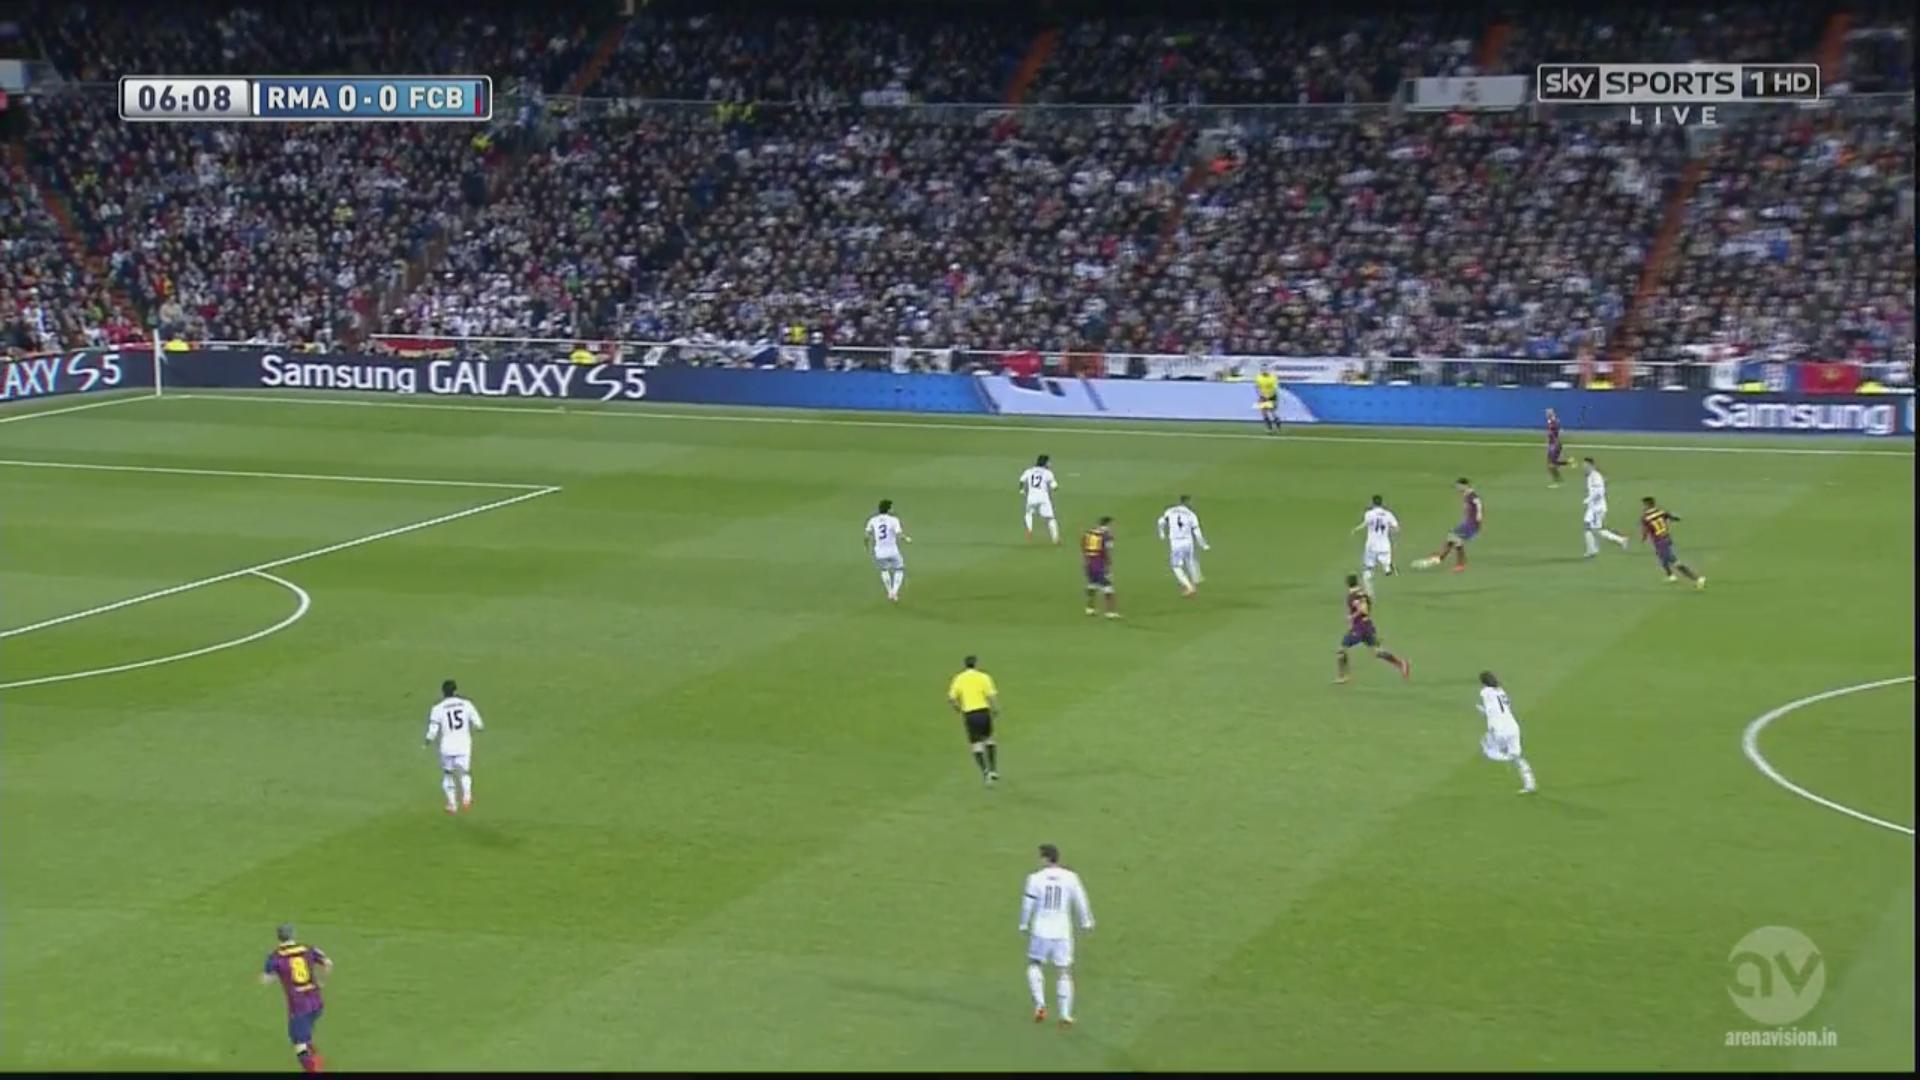 Promené par la circulation de balle Barcelonaise, Xabi Alonso est finalement facilement éliminé par une passe de Fabregas. Ramos doit sortir pour compenser la compensation de son milieu défensif, cassant déjà l'alignement madrilène.